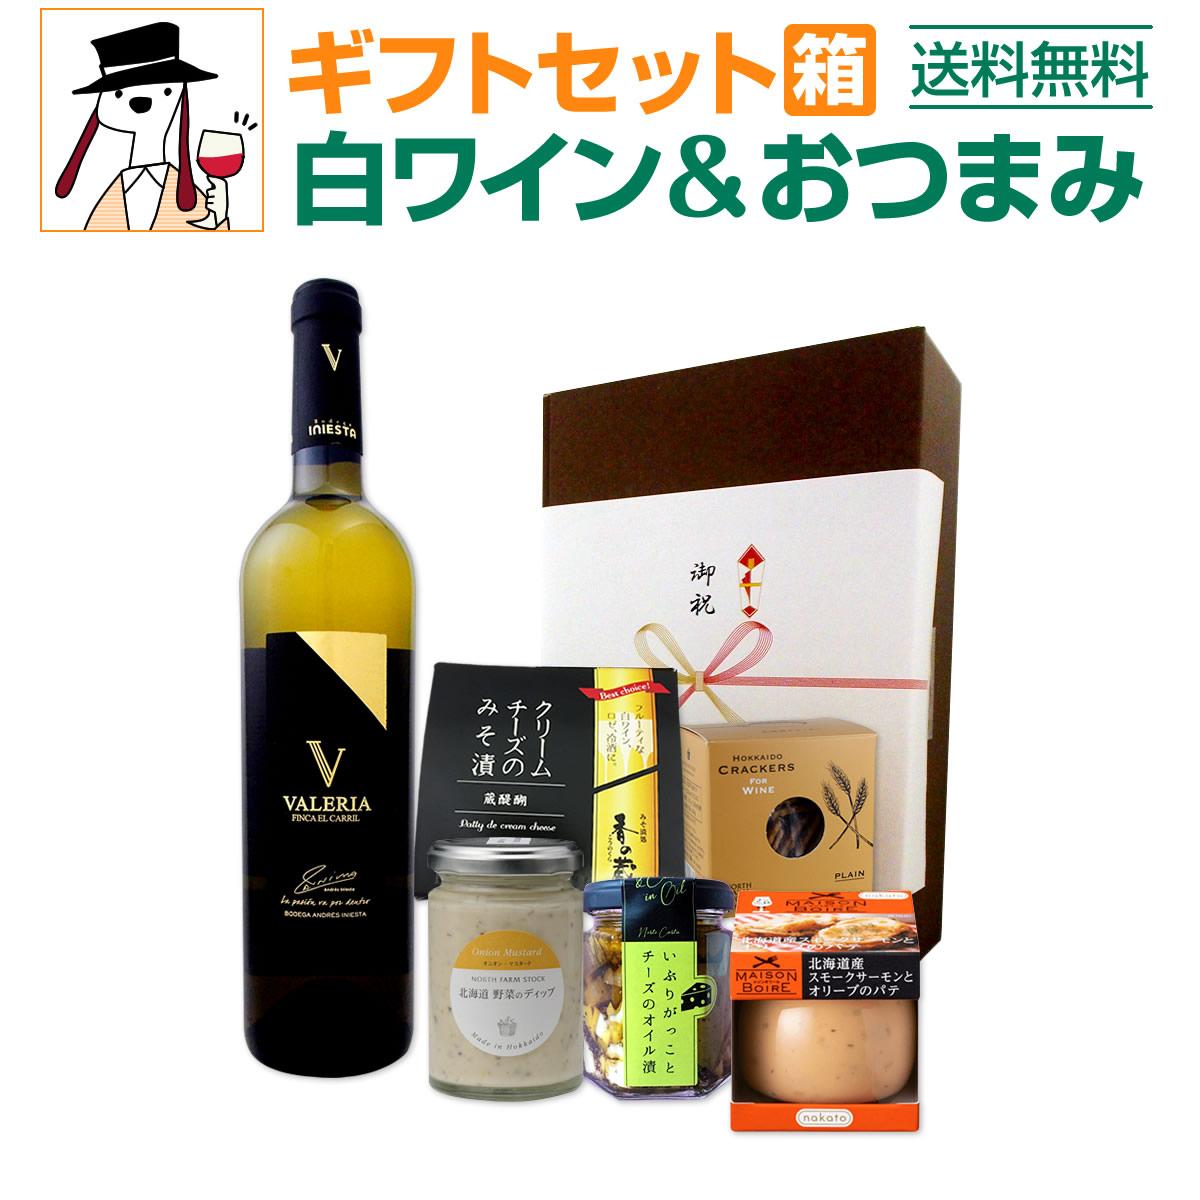 送料無料 ギフトセット(白ワインおつまみ付き) プレゼント ギフト 実用的 2020 父親 ワイン 白 セット 白ワイン お酒 白ワインセット ワインセット ギフト プレゼント 750ml